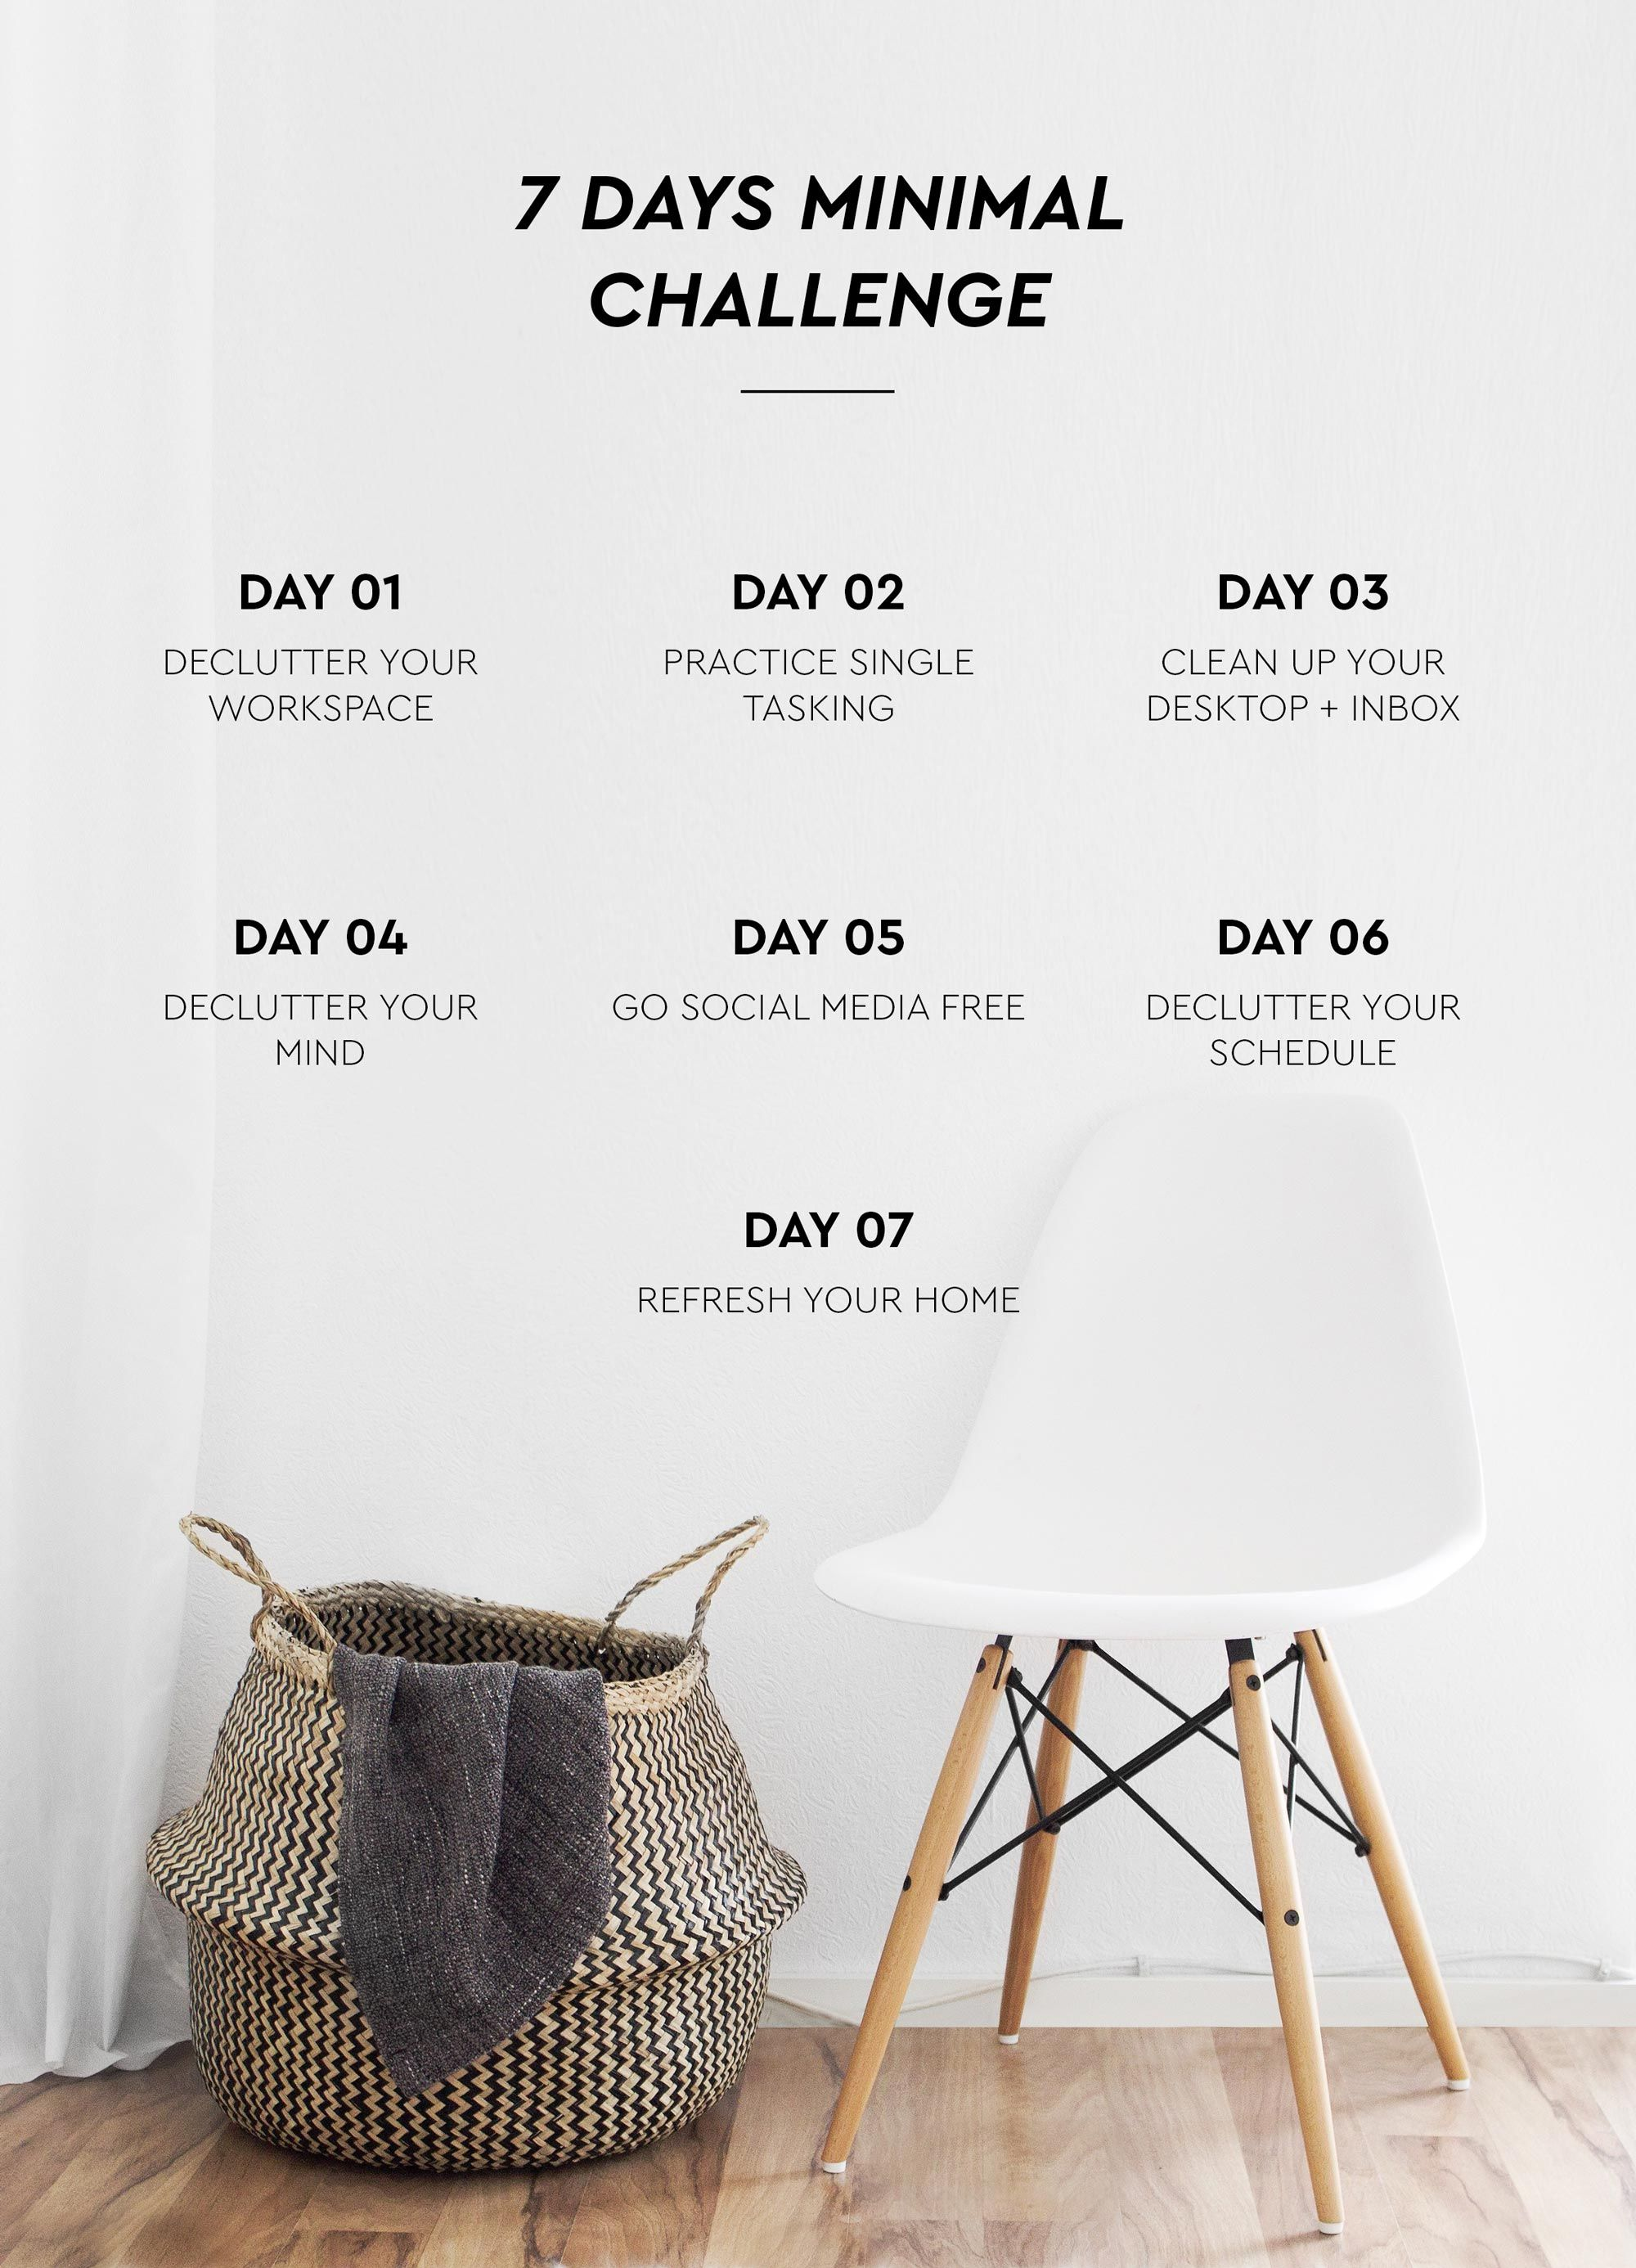 7 Days Minimal Challenge